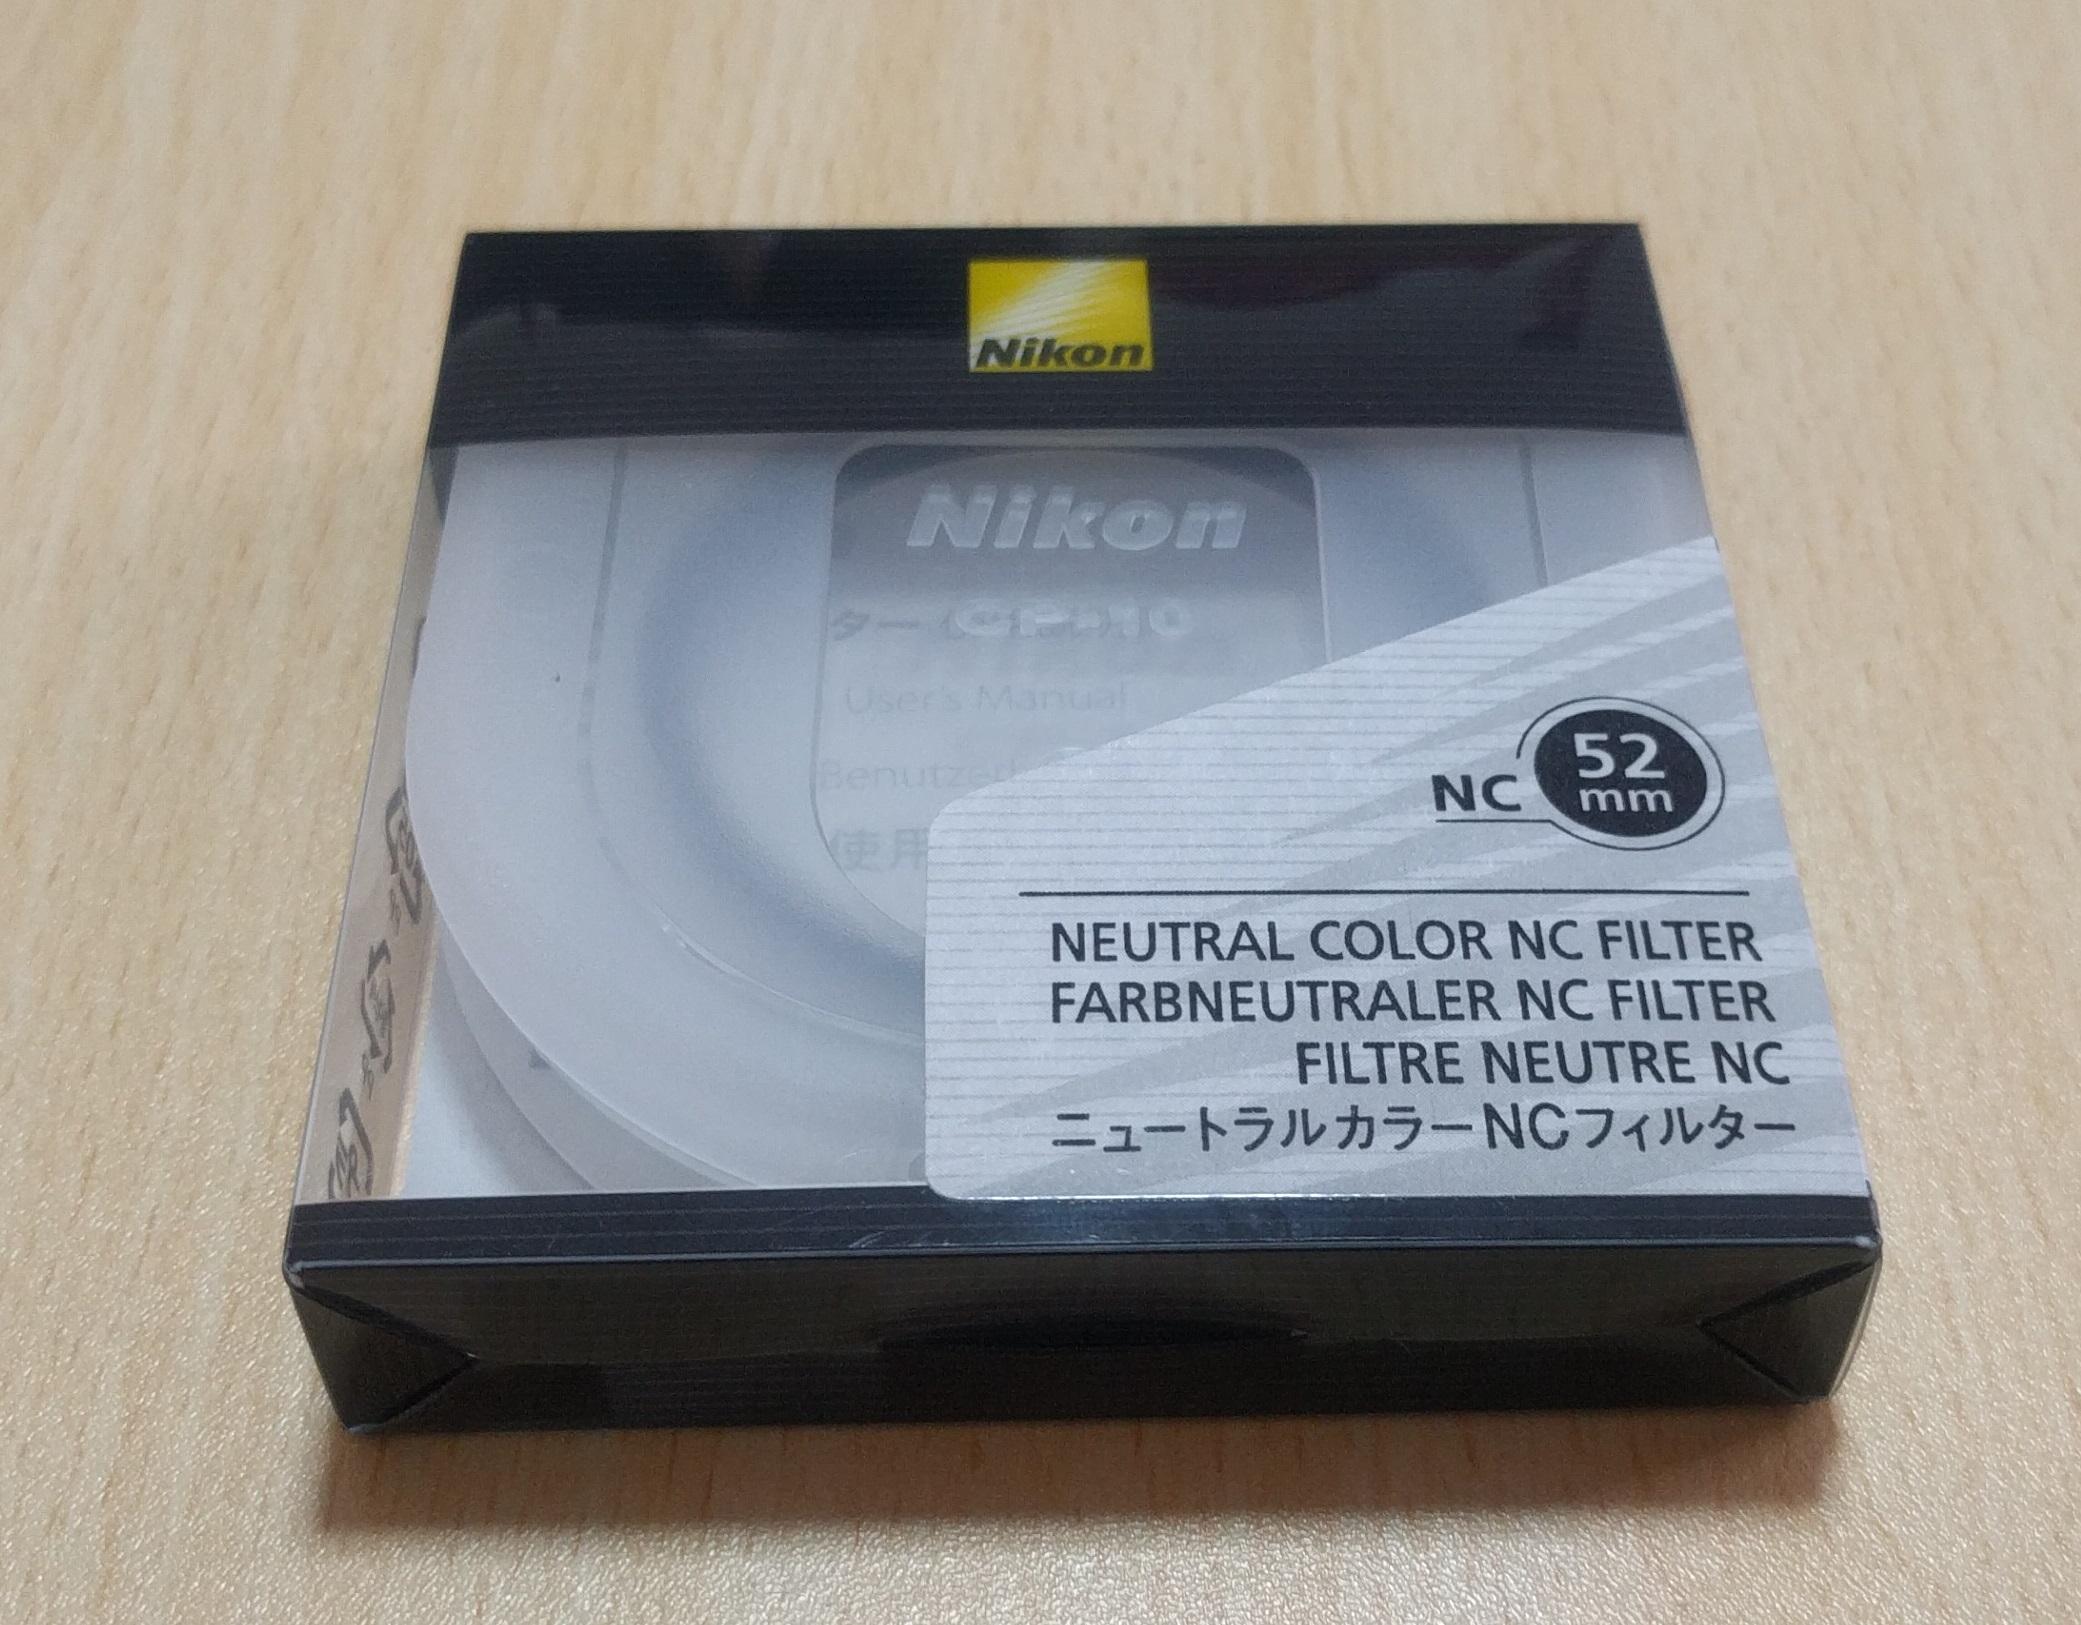 レンズフィルター(NC-52)の外箱